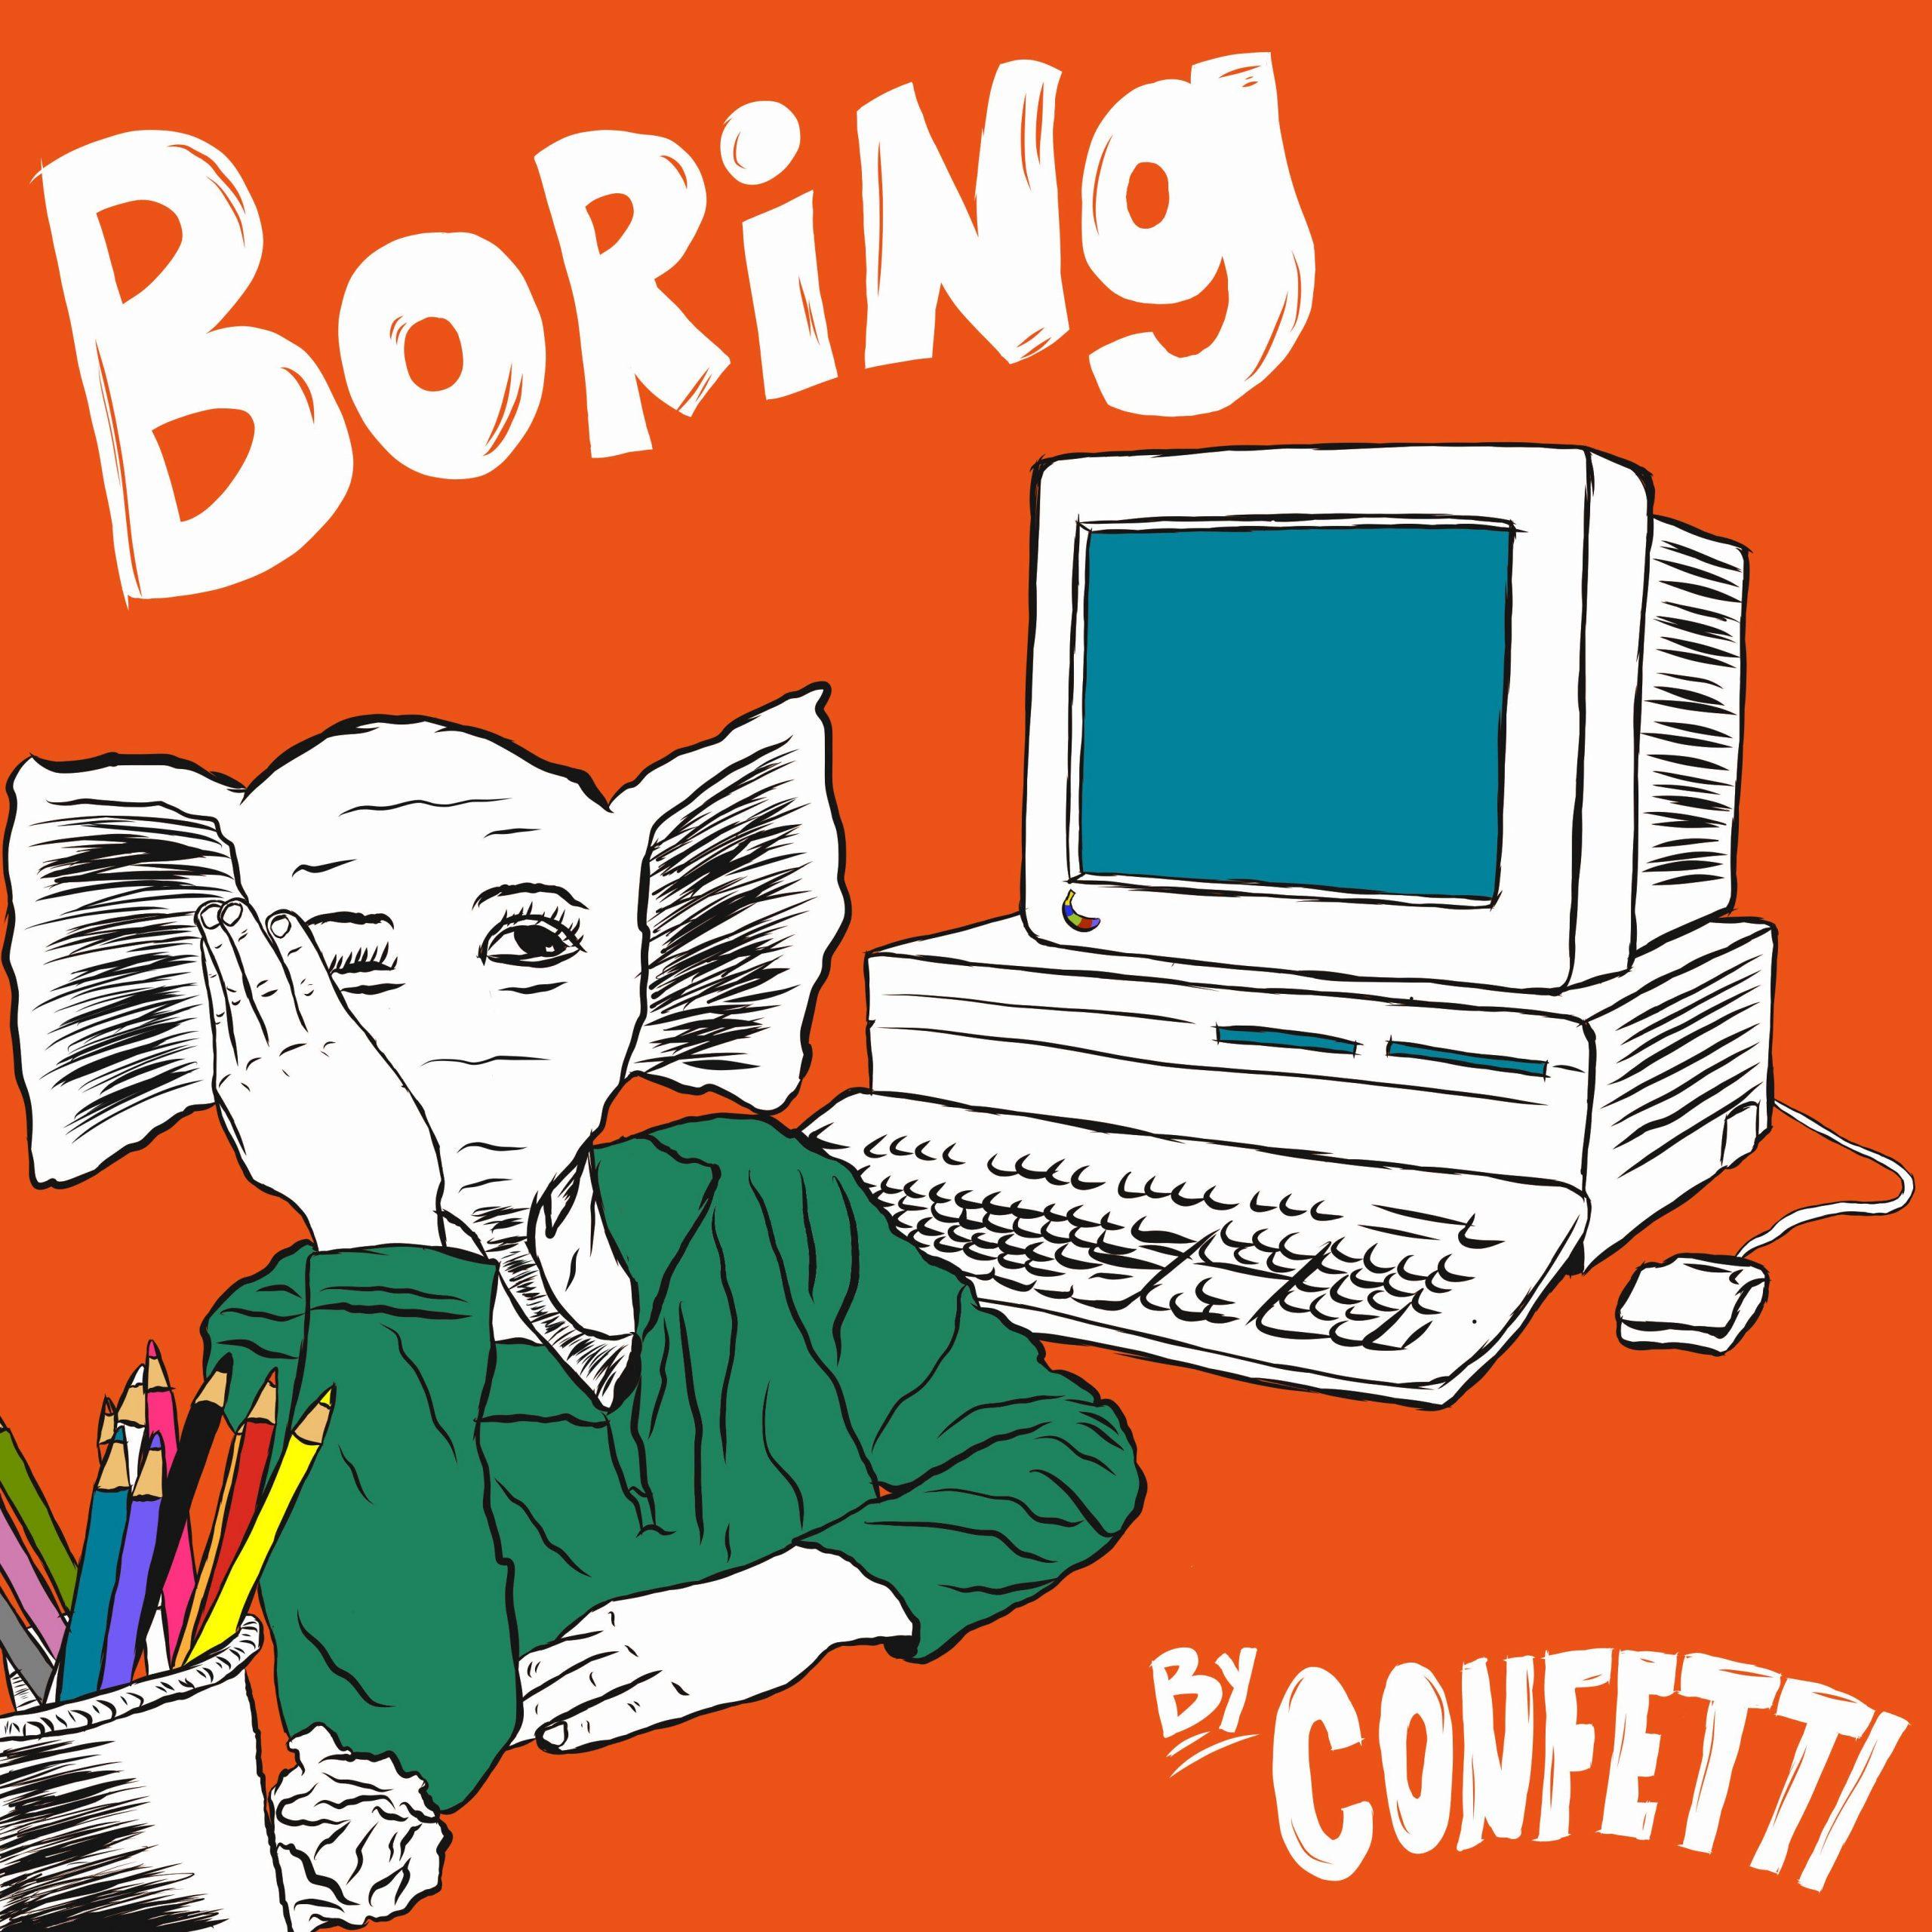 Confetti – Boring